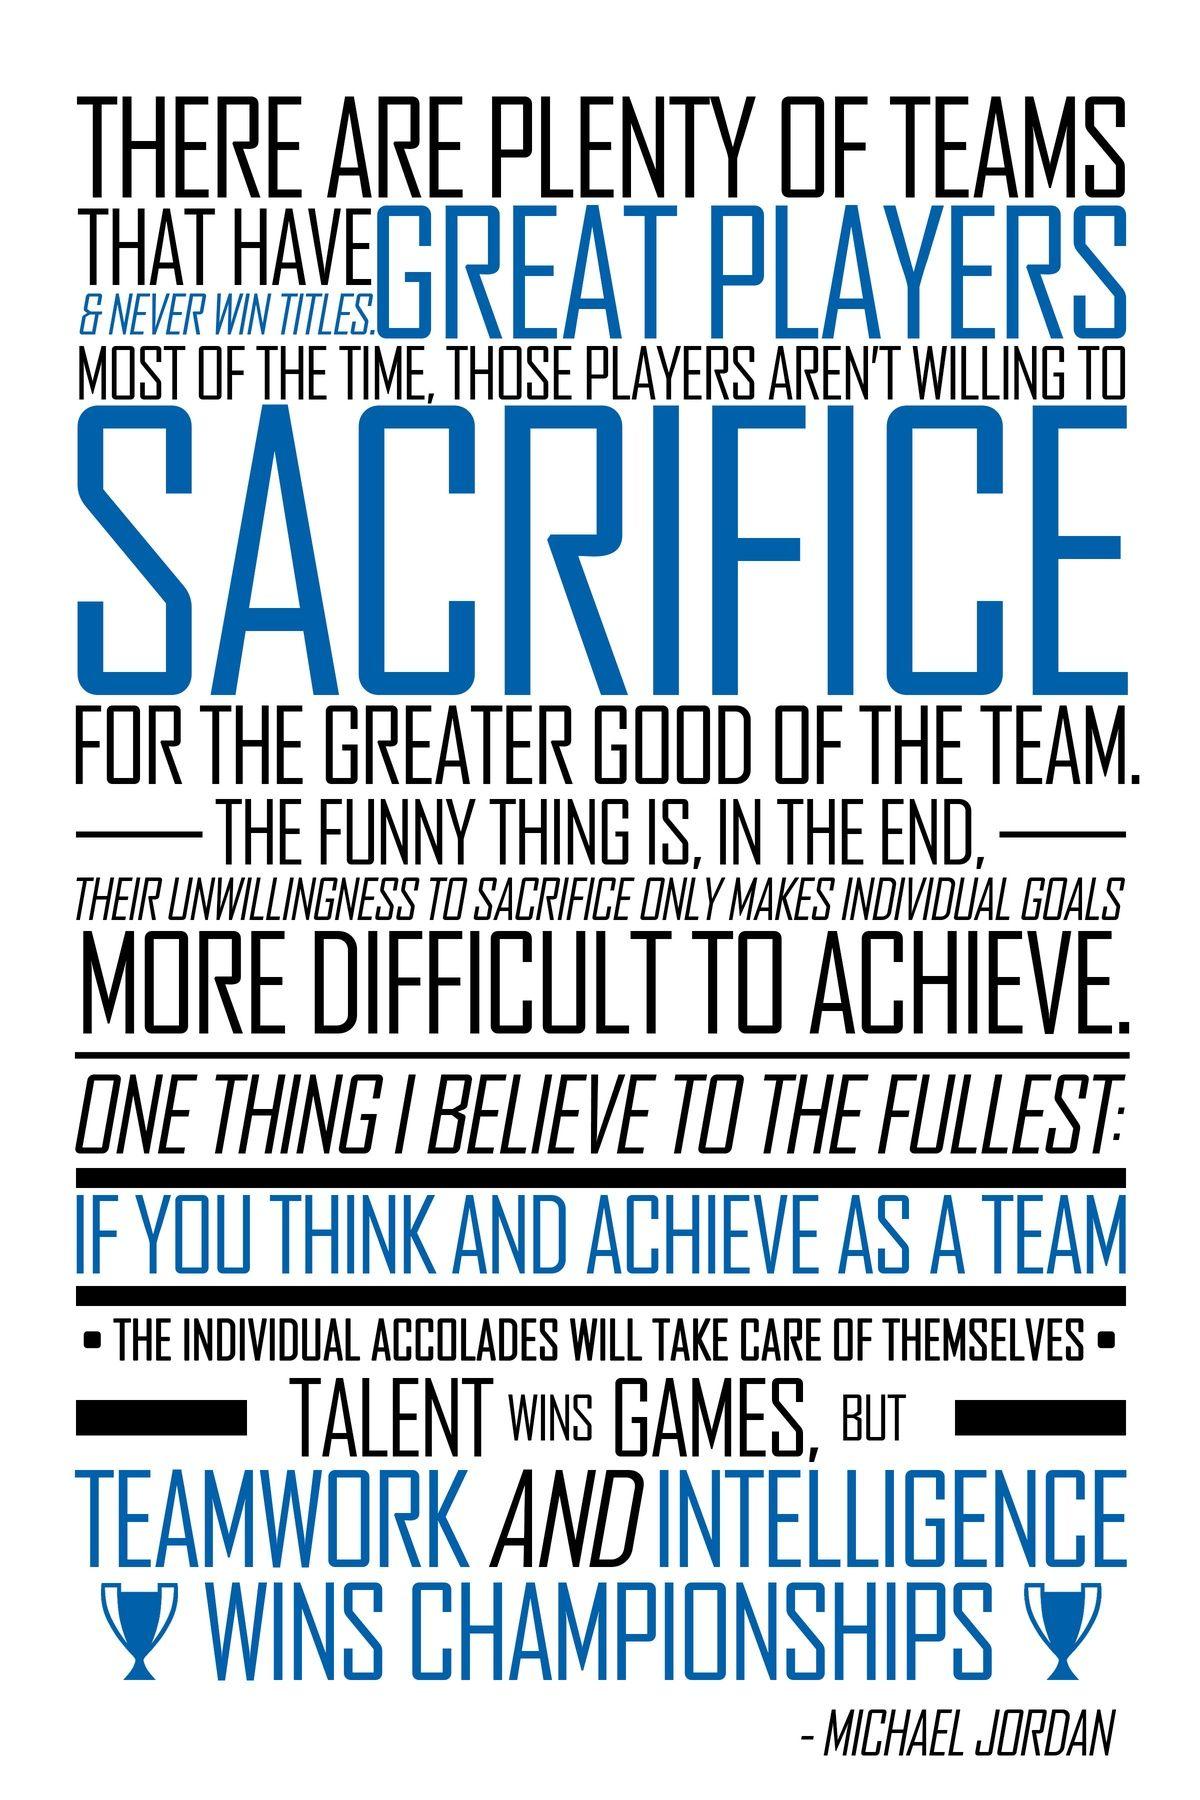 3ec459e2a456bfc46720206b6826d6c4 Jpg 1 200 1 800 Pixels Basketball Quotes Michael Jordan Quotes Jordan Quotes